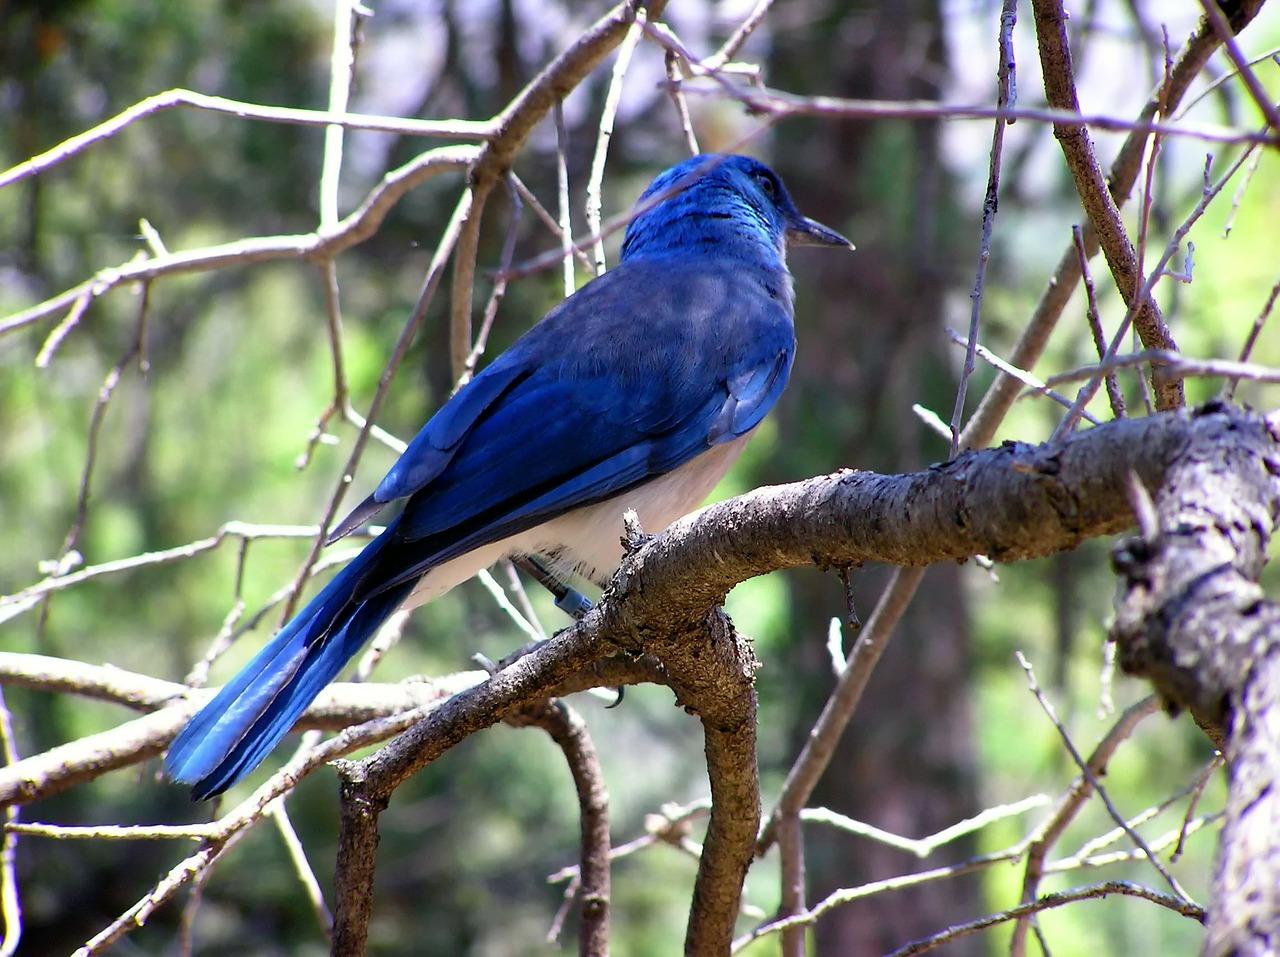 青い鳥症候群の対処は難しいため、予防が大切